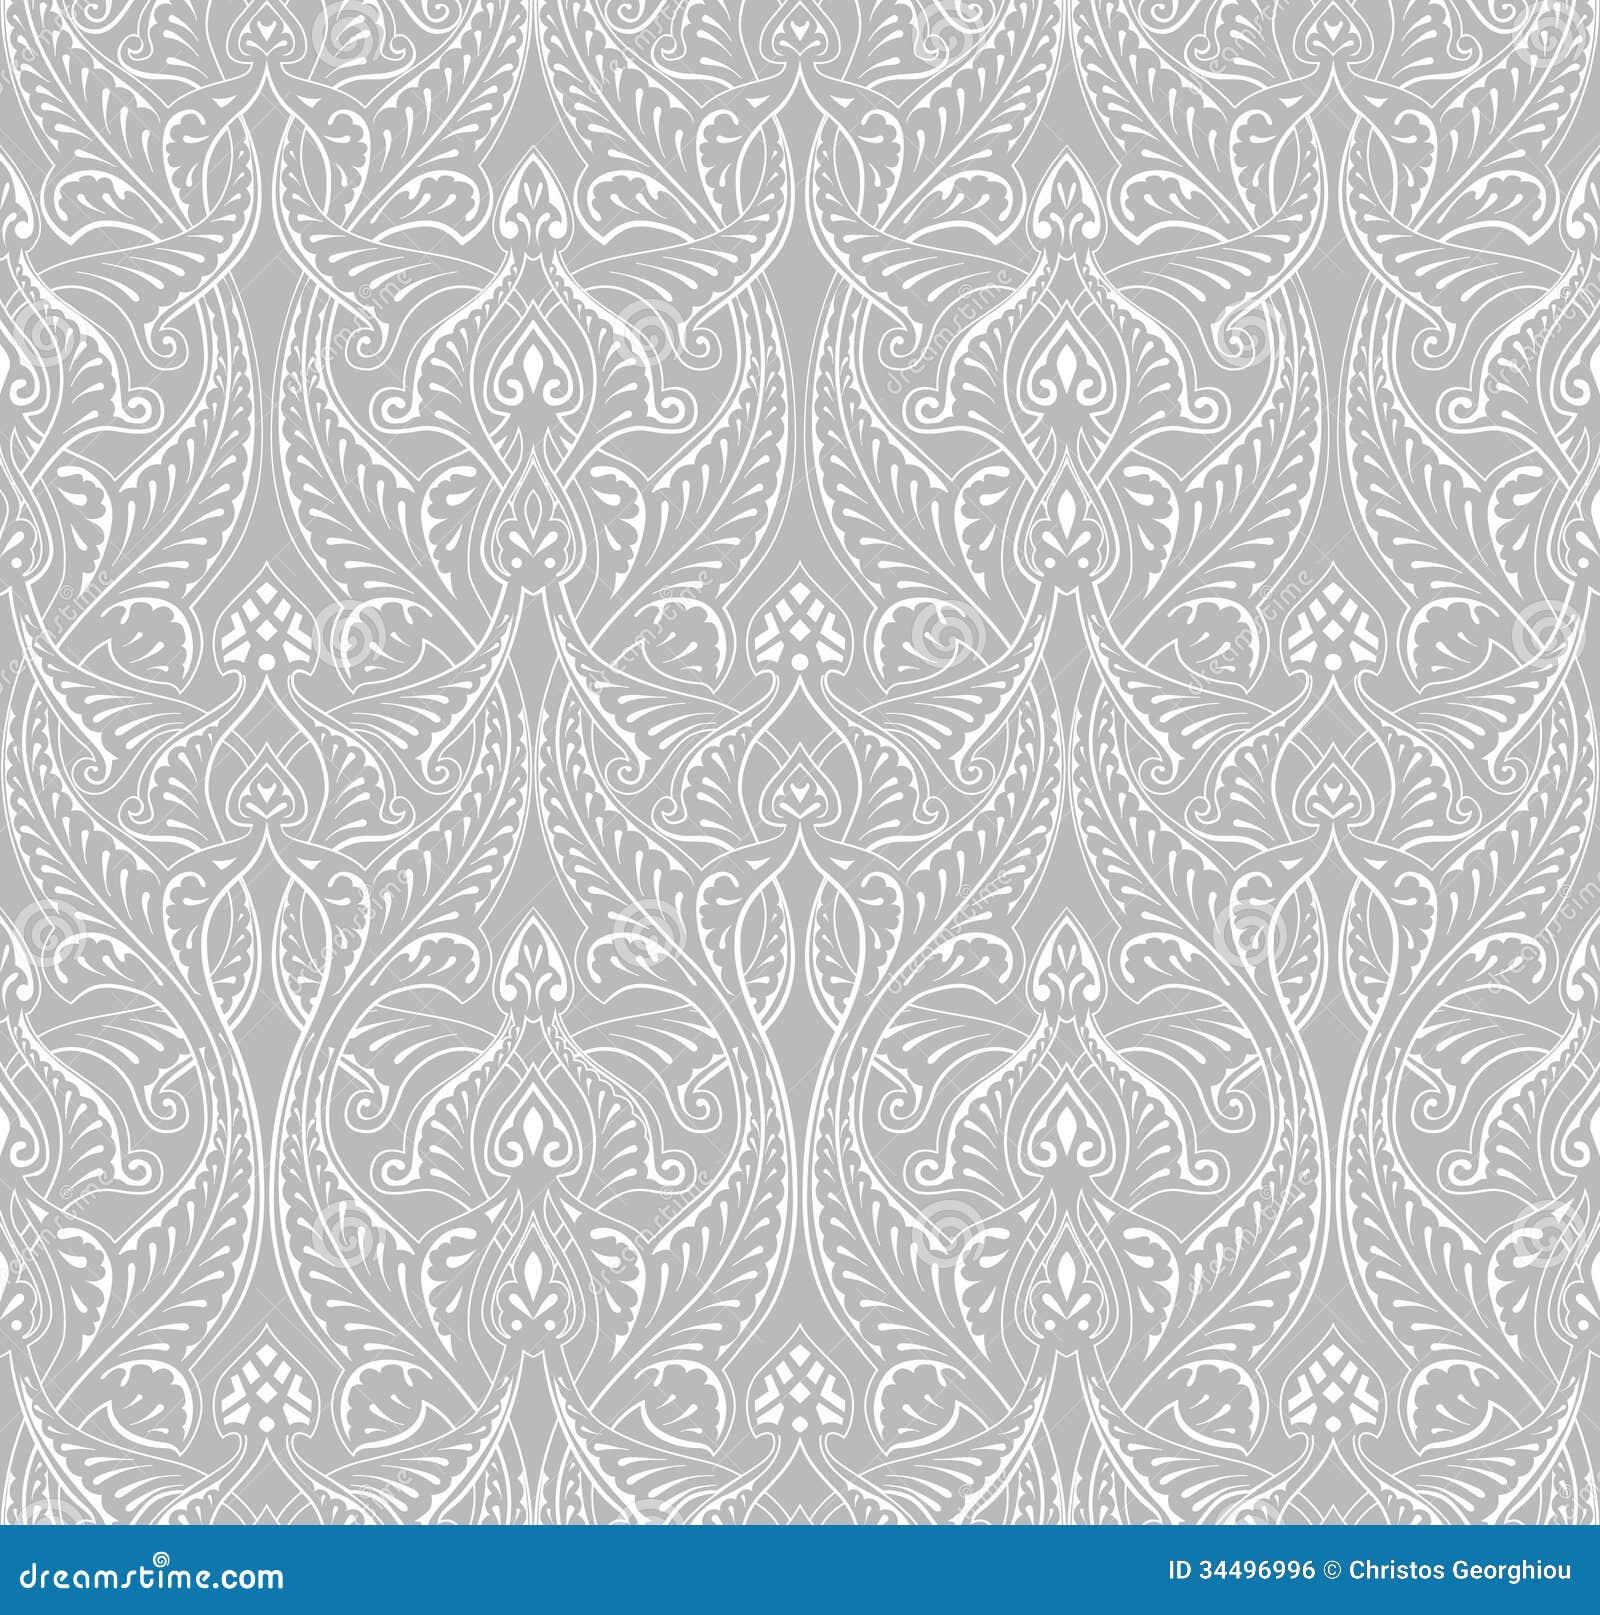 一个复杂葡萄酒无缝tilable重复的伊斯兰教的主题样式.图片